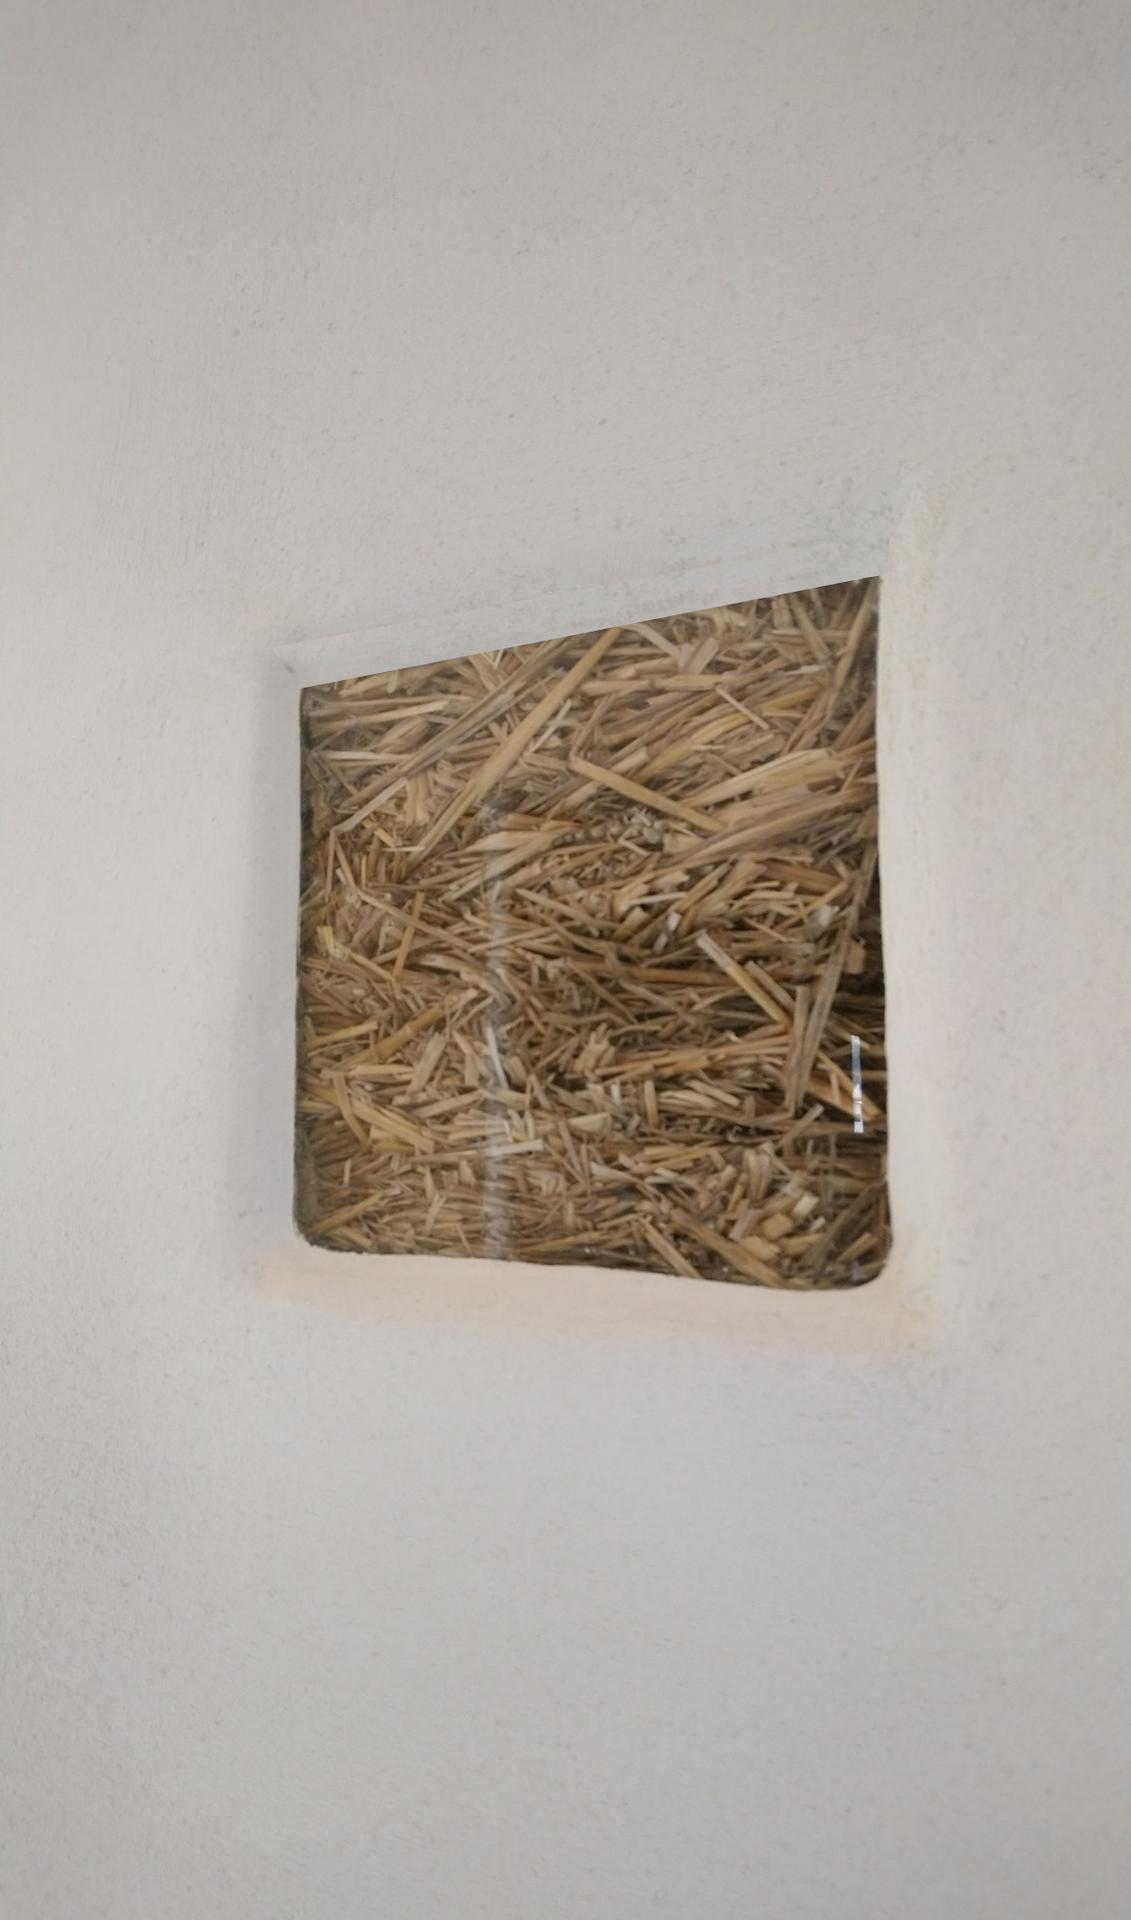 Hlinené omietky - Malé okienko pravdy. Je to naozaj slamenný dom.